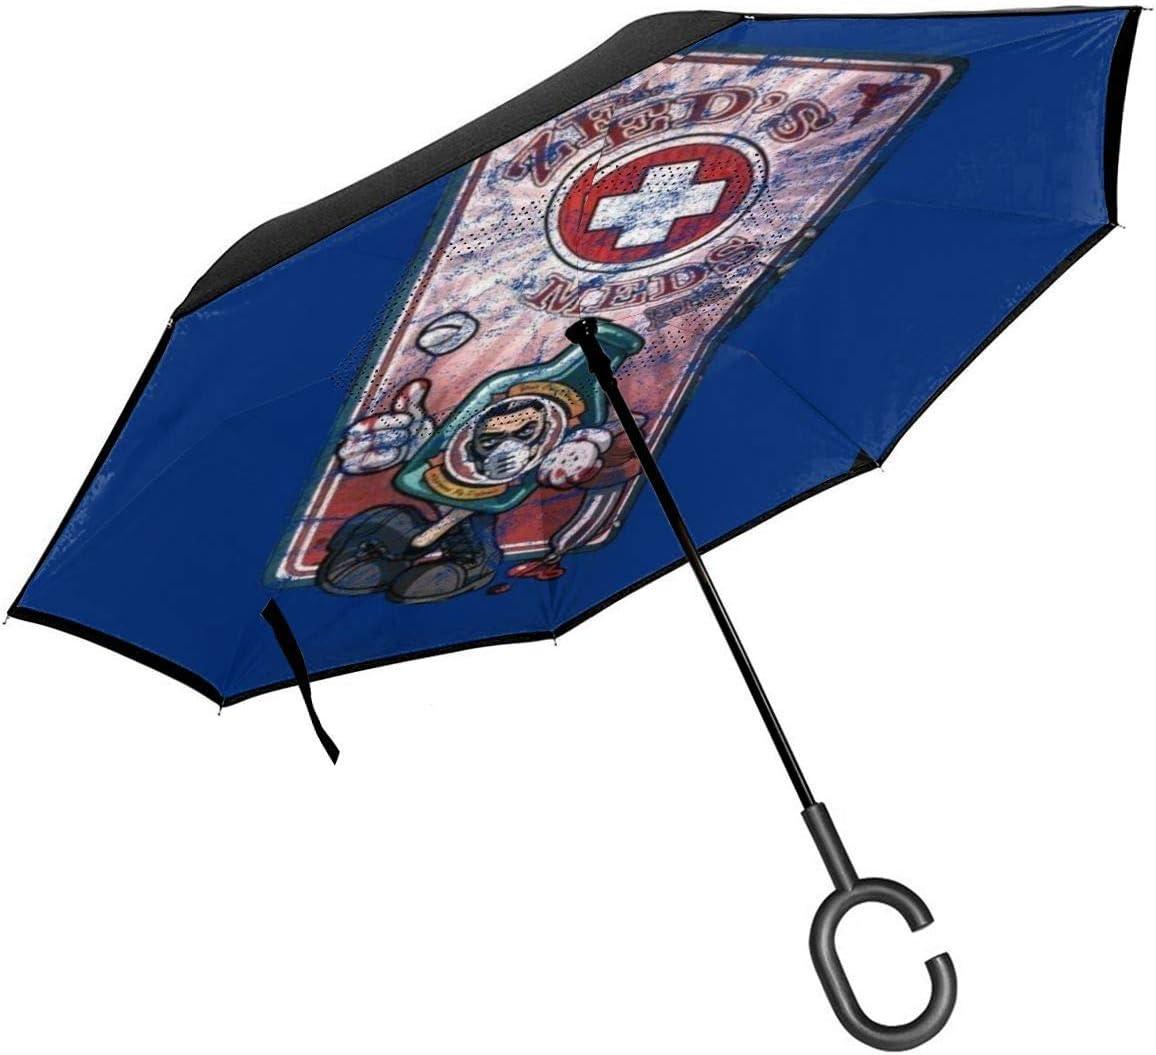 Borderlands Zeds Meds Máquina expendedora de doble capa invertida paraguas para coche reversa plegable boca abajo manos en forma de C, ligero y resistente al viento, regalo ideal